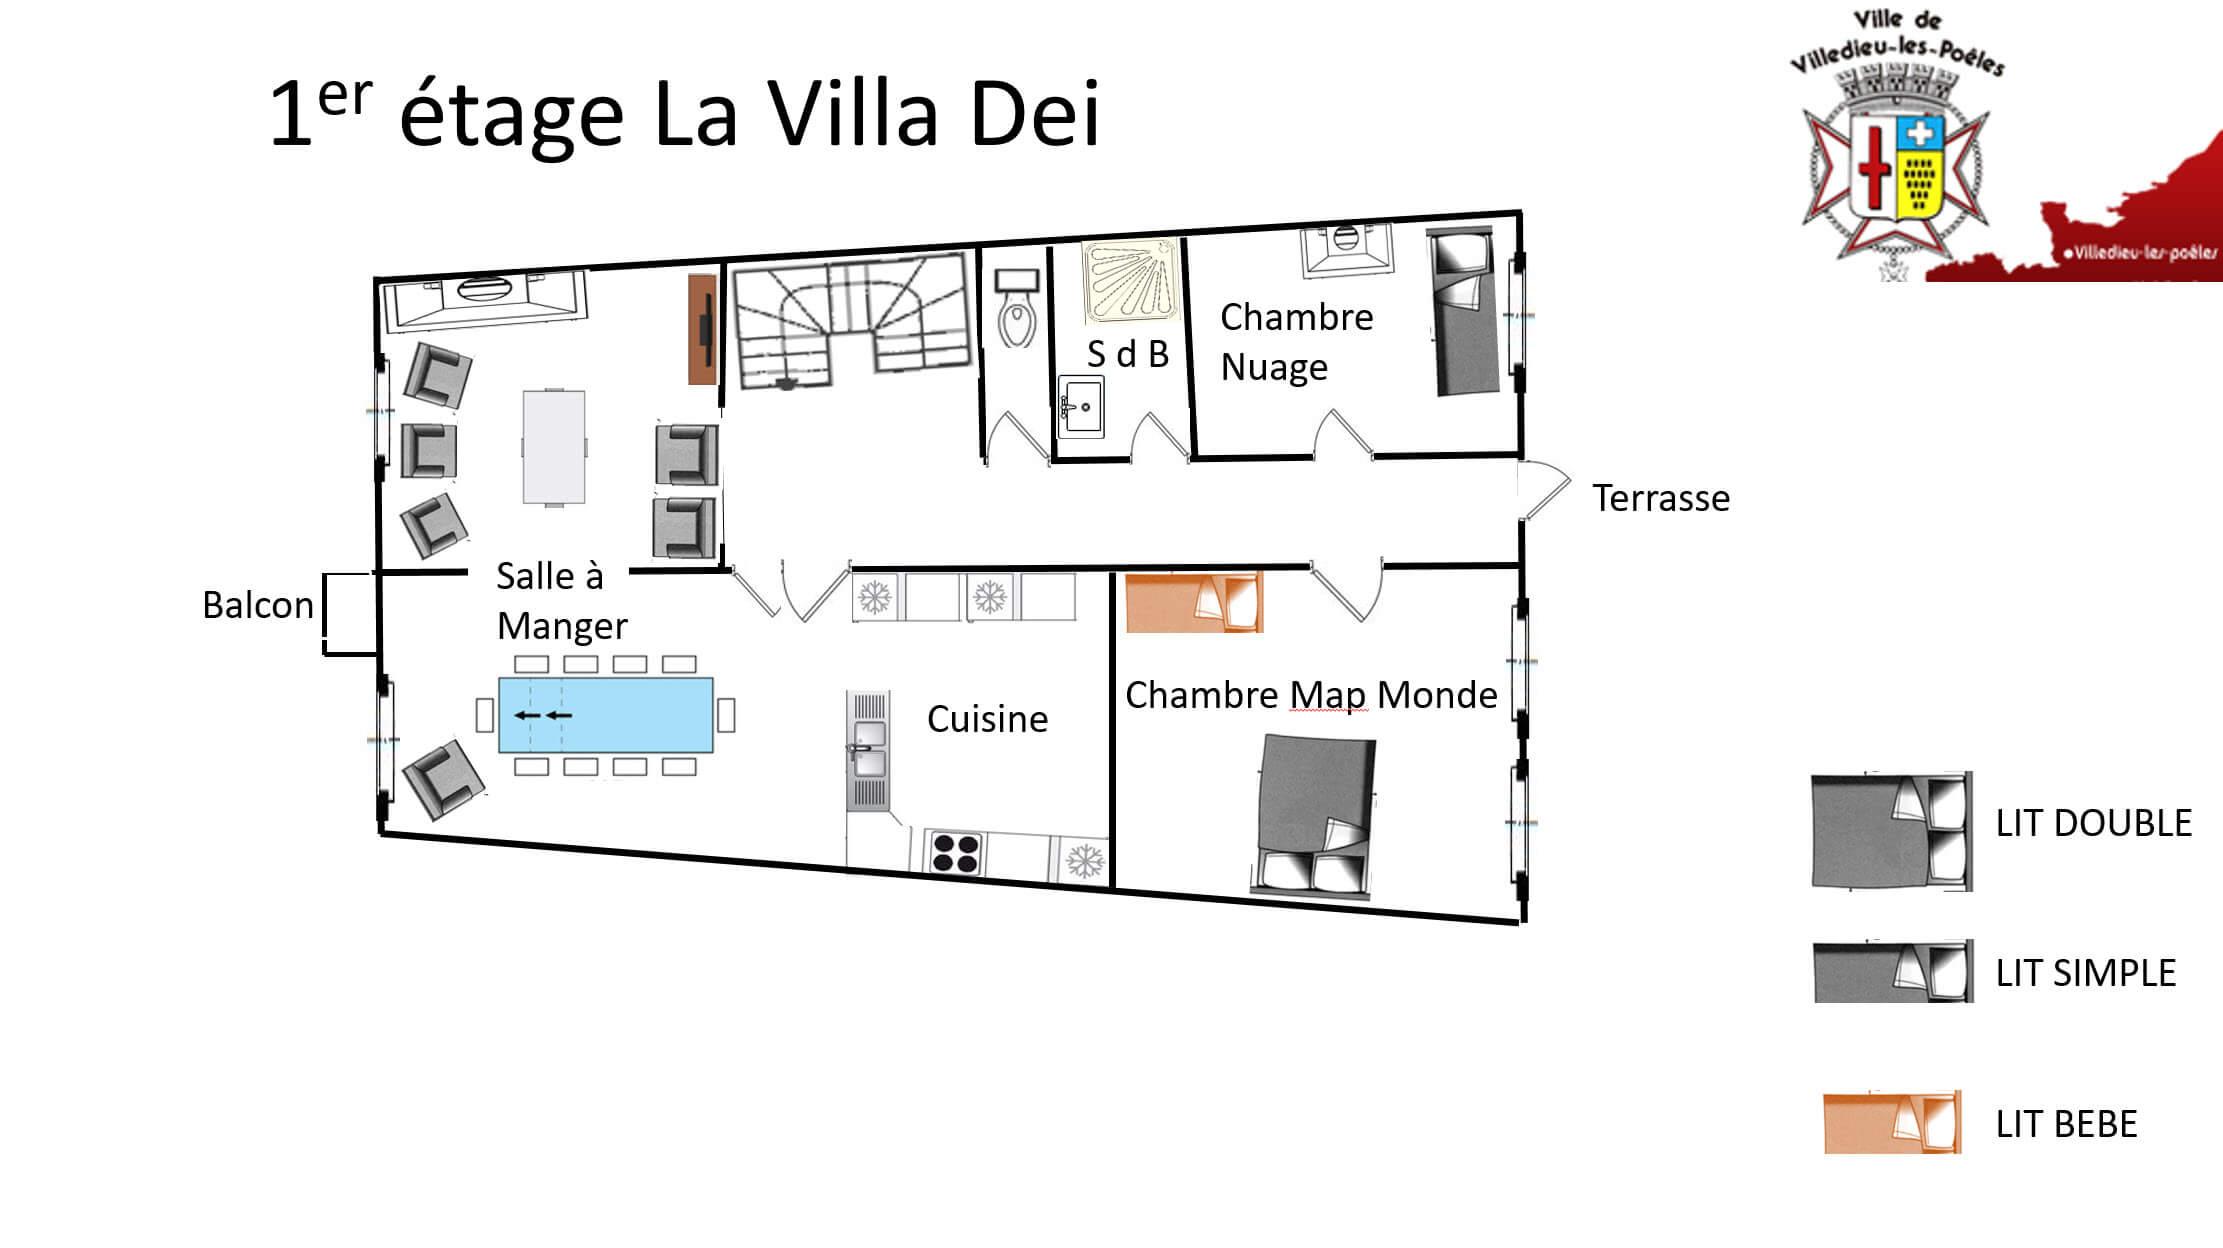 La Villa Dei 1er2 - GÎTE LA VILLA DEI - Location de Gite La Clef Decamp - Laclefdecamp.fr